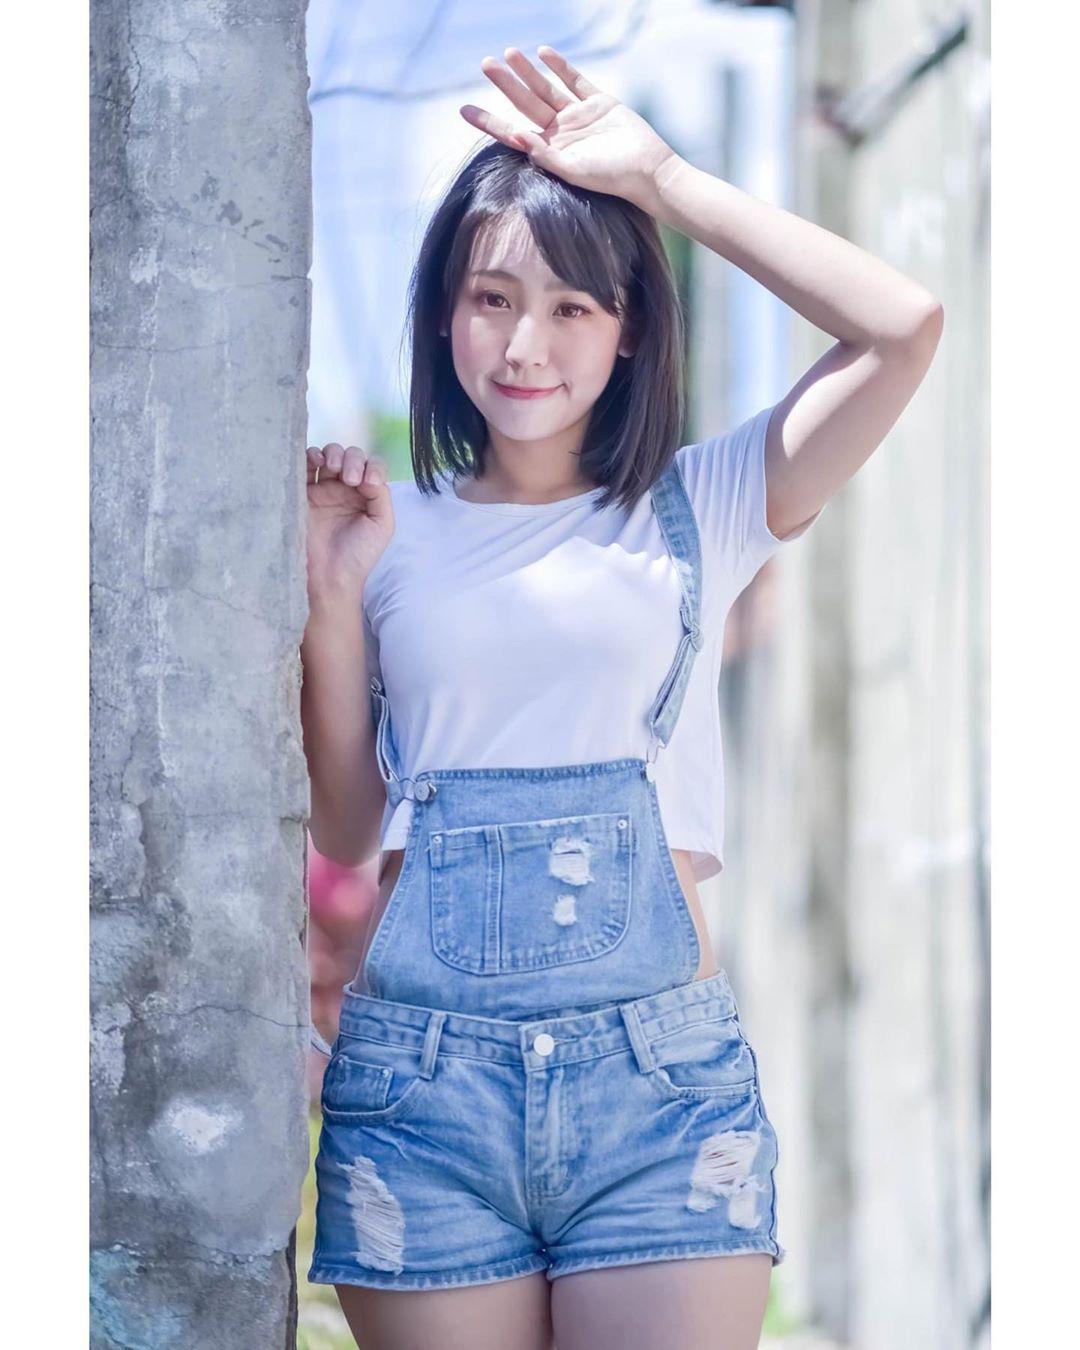 台版新垣结衣「希希CC」迷人又甜美的JKF女郎,太吸睛了!插图5